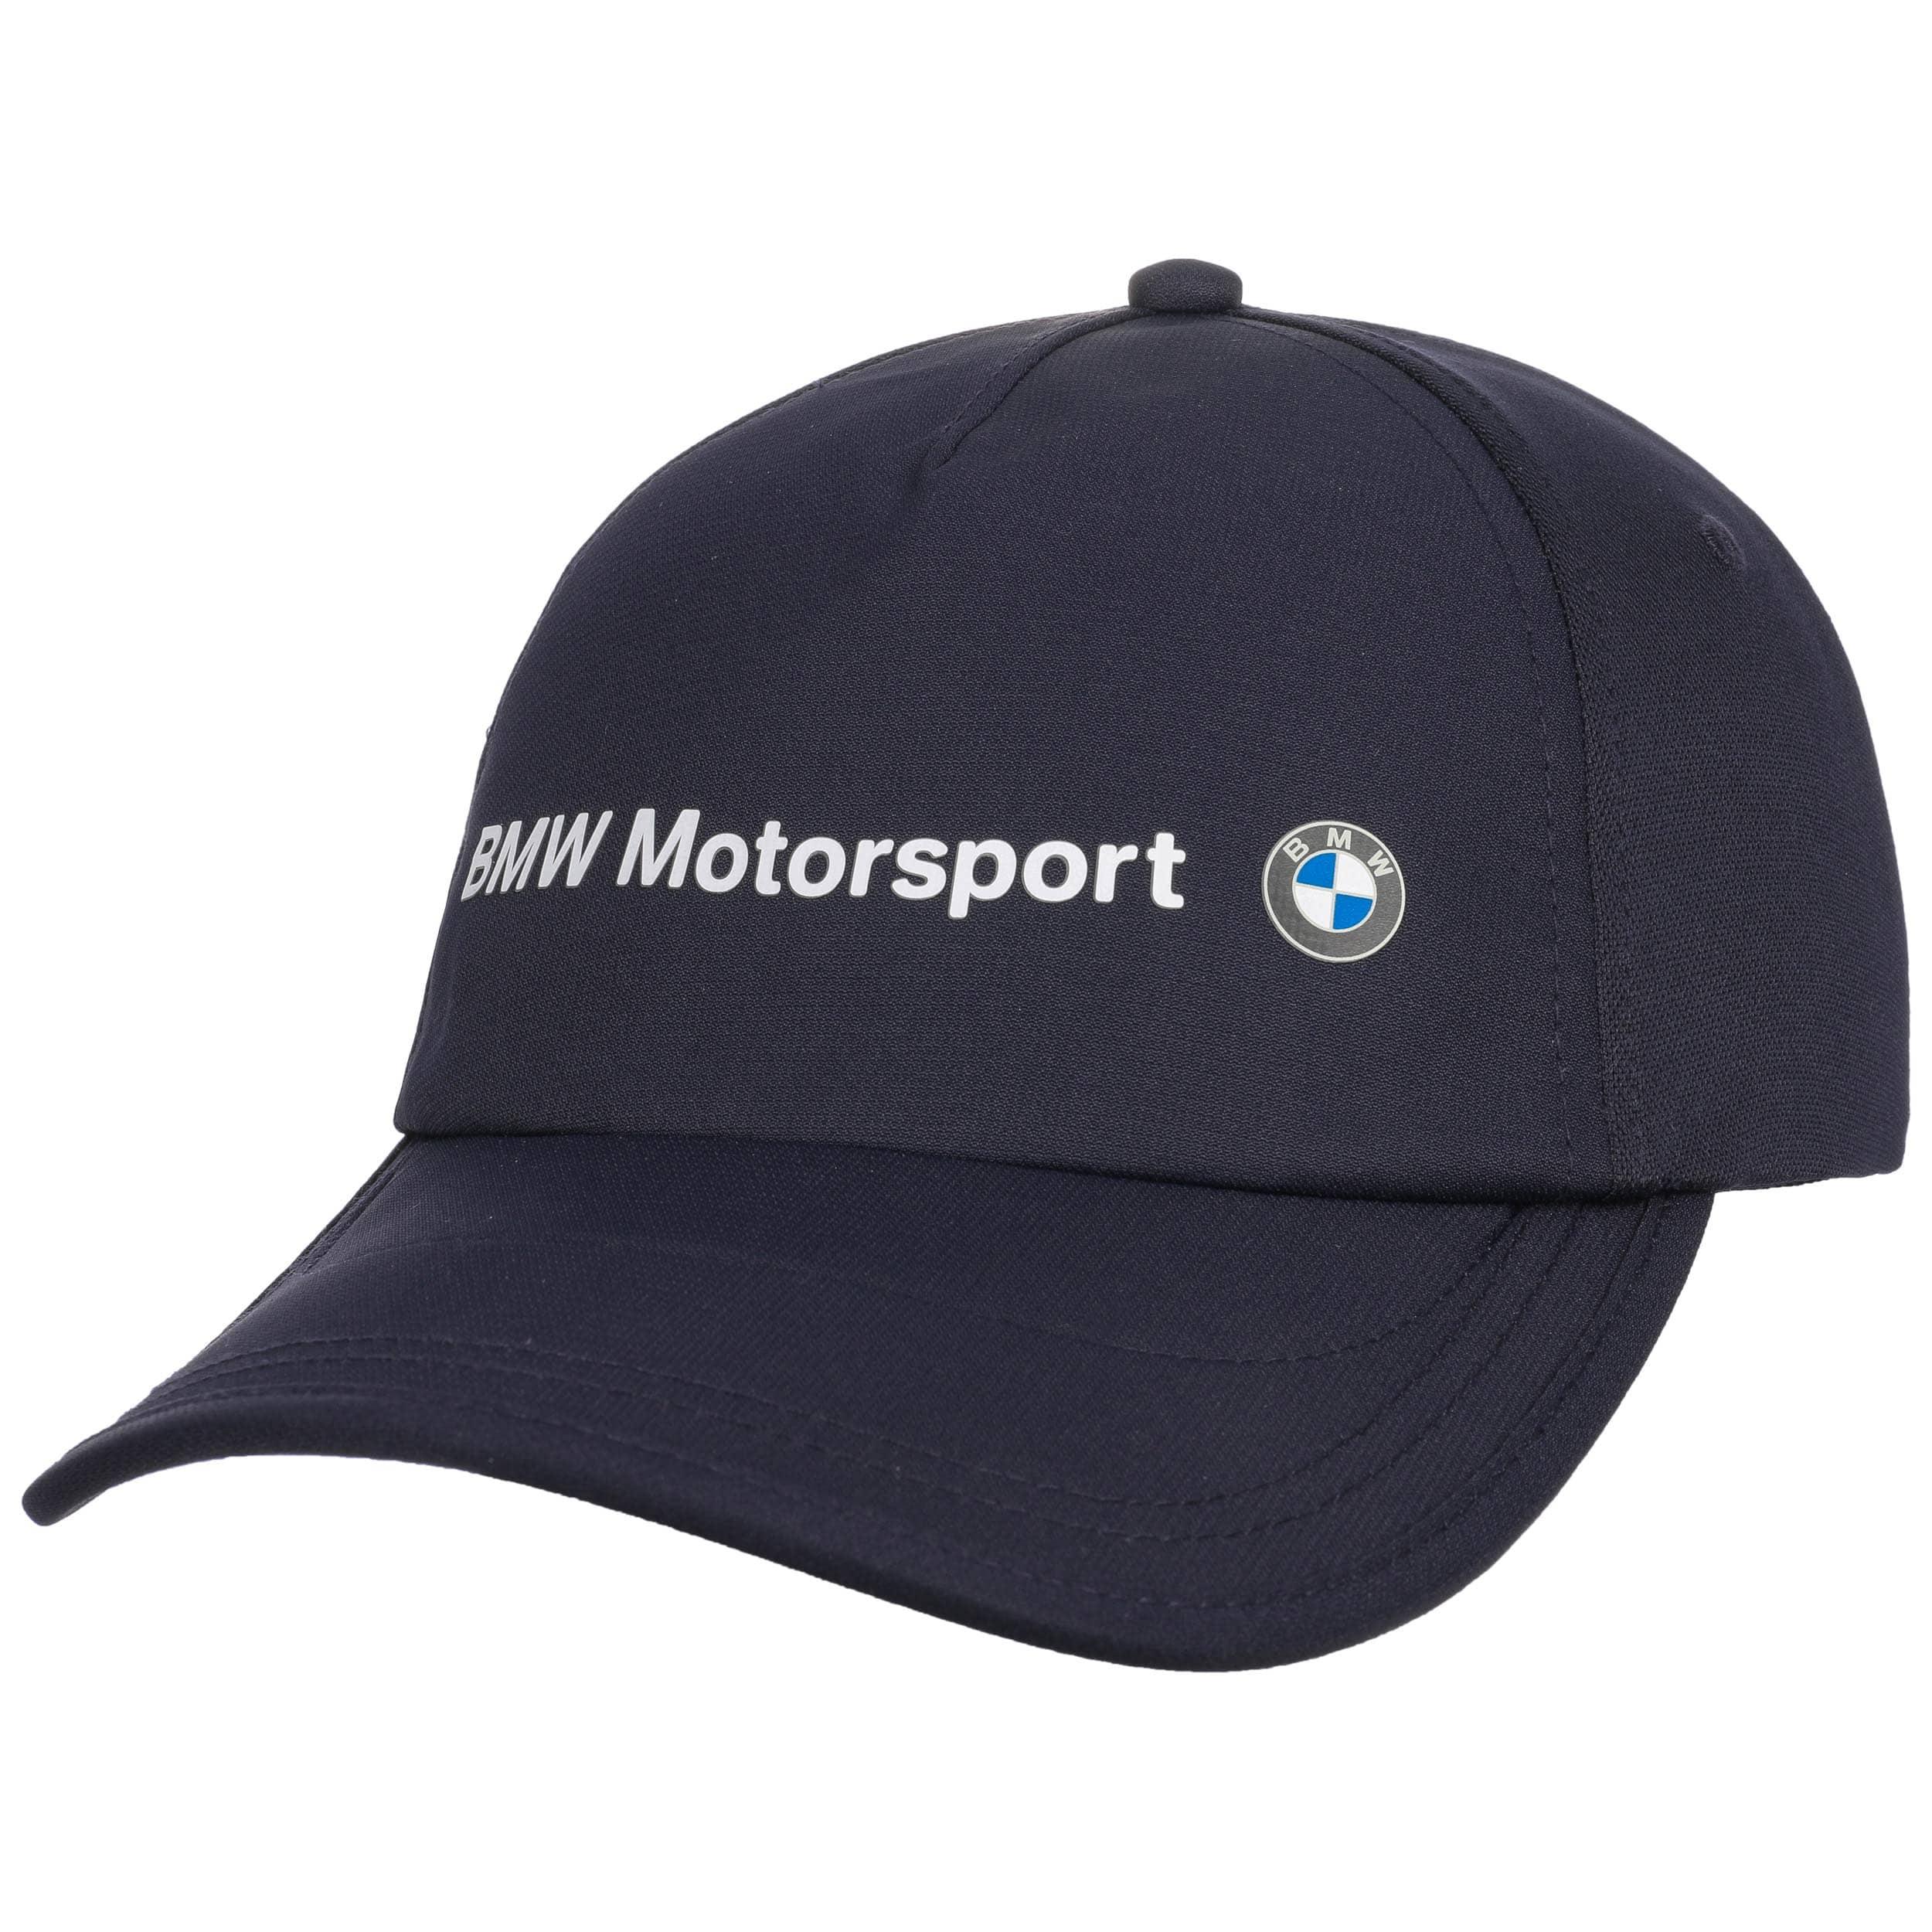 453ab55663622 ... Casquette BMW Motorsport BB by PUMA - blanc 6